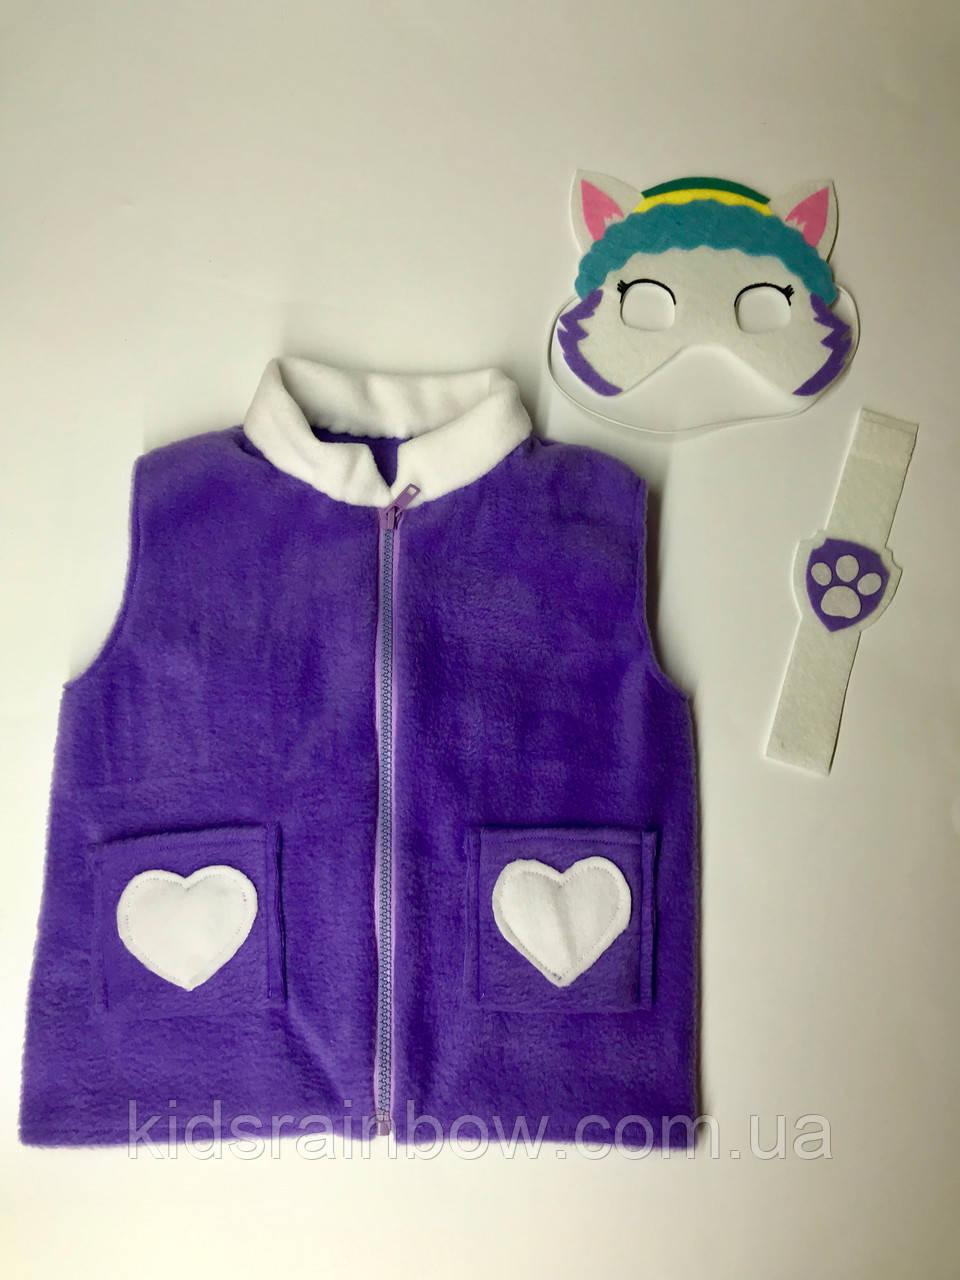 Флисовая жилетка костюм героев Щенячий патруль Эверест